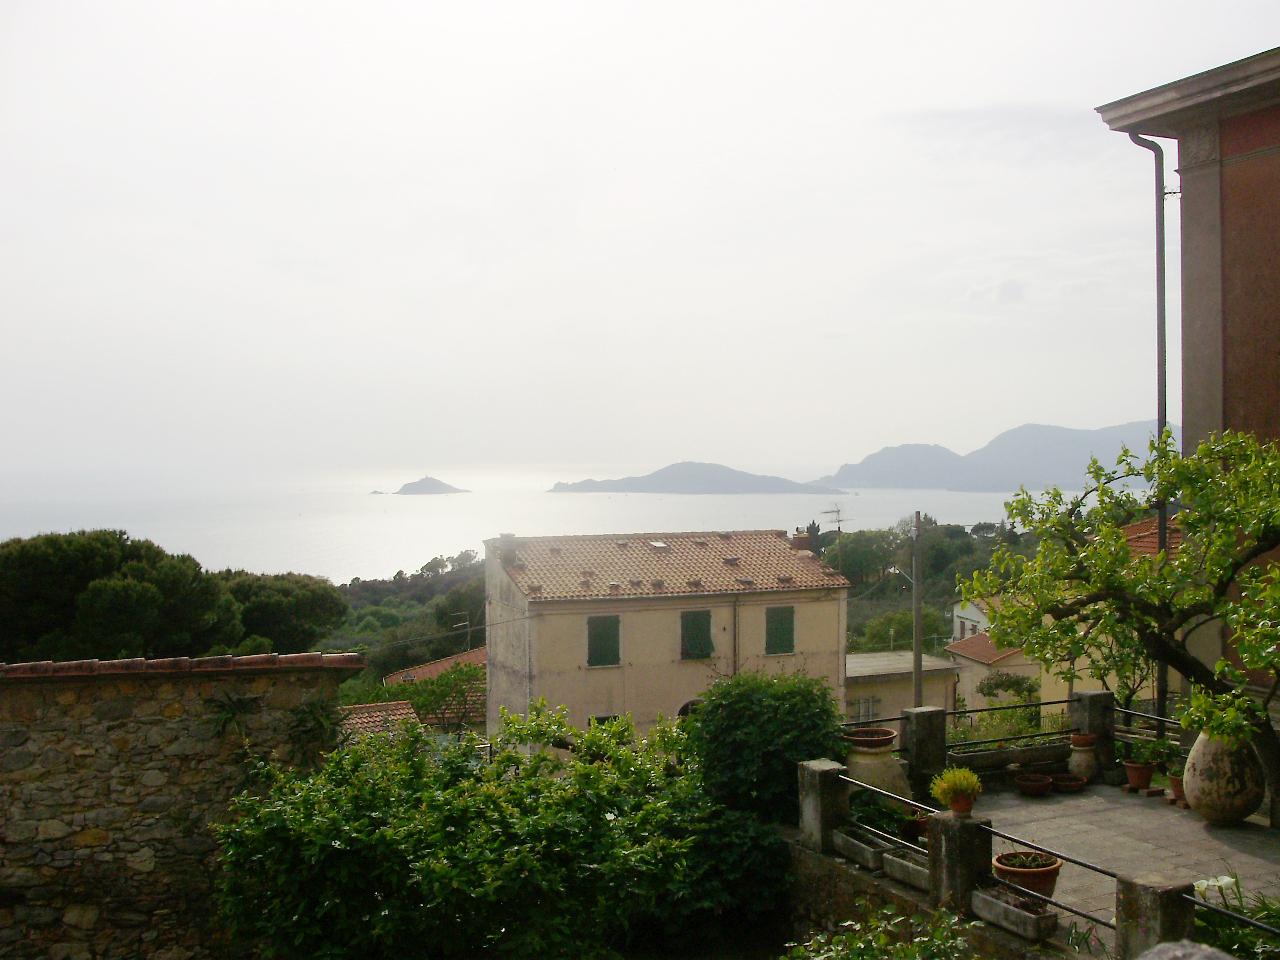 Ristorante Bagno San Marco Fiumaretta : San bartolomeo al mare blumenriviera online buchen